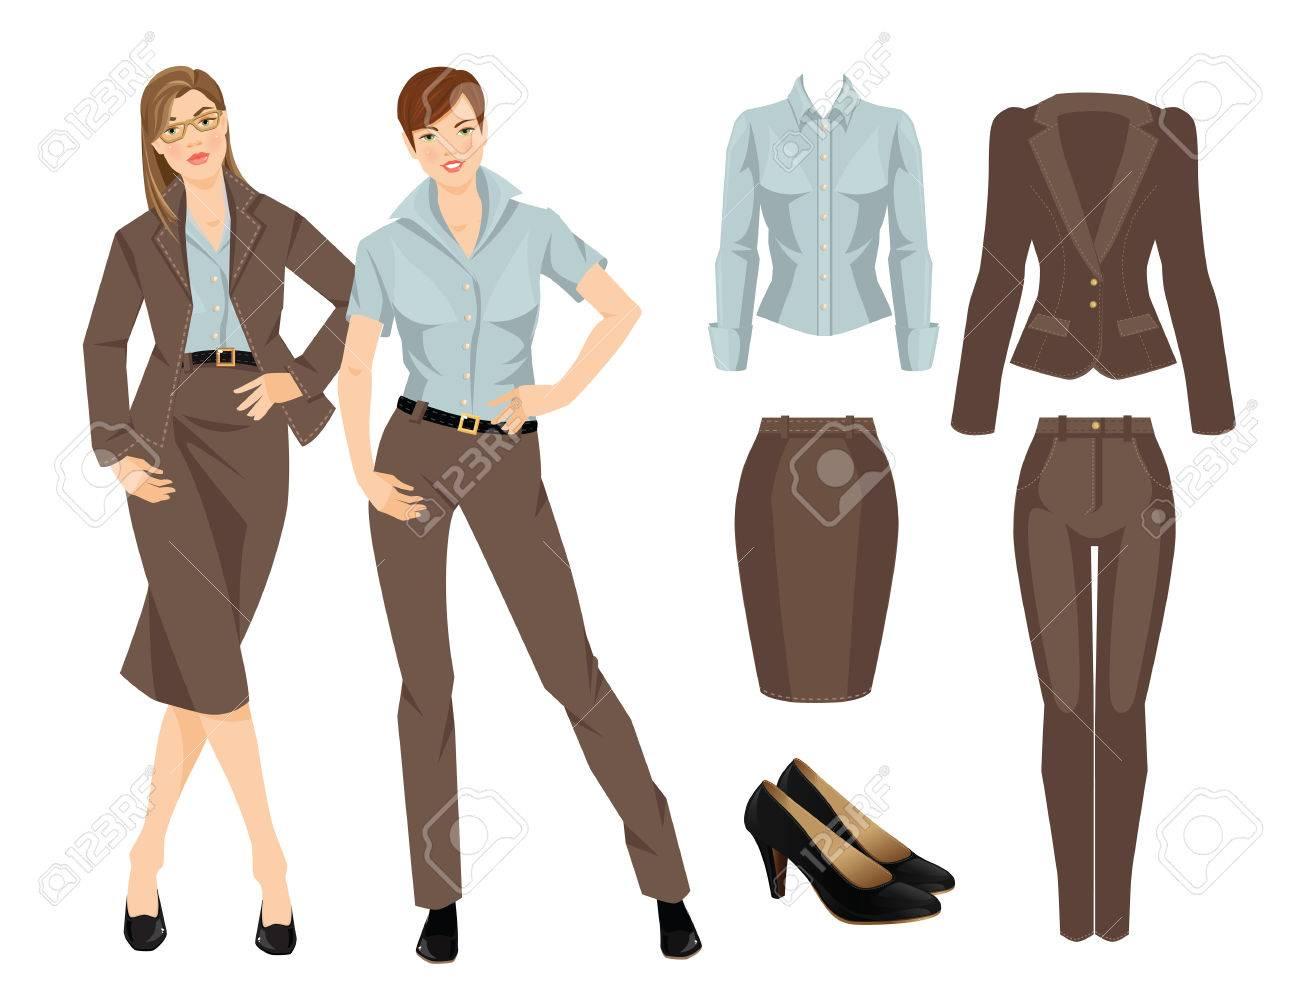 175ffb935ea Banque d images - Vector illustration d une jeune fille d affaires ou  professeur dans des vêtements formels. costume marron et des chaussures  noires